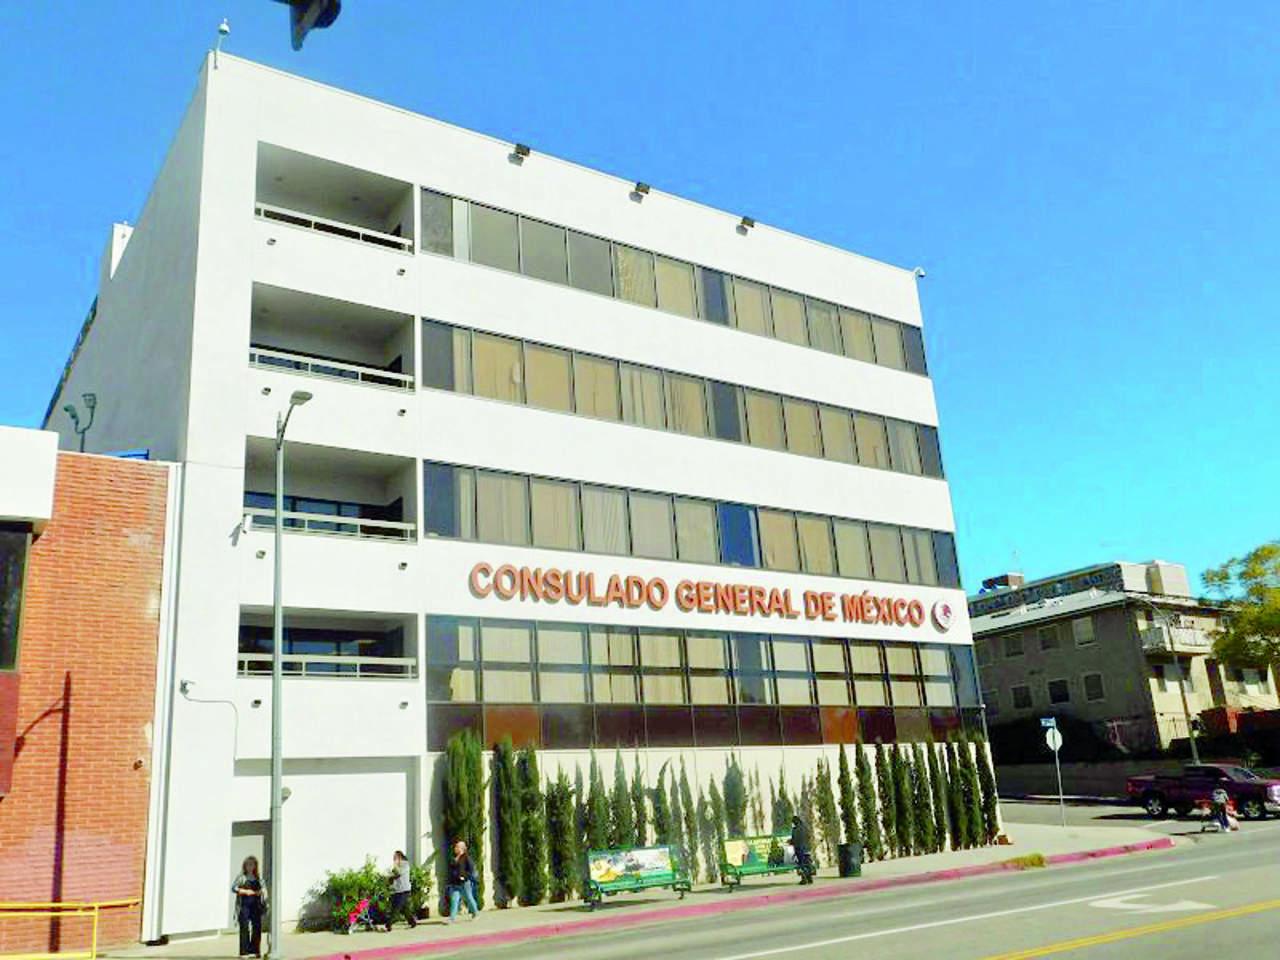 Lanzan plan de apoyo a consulados